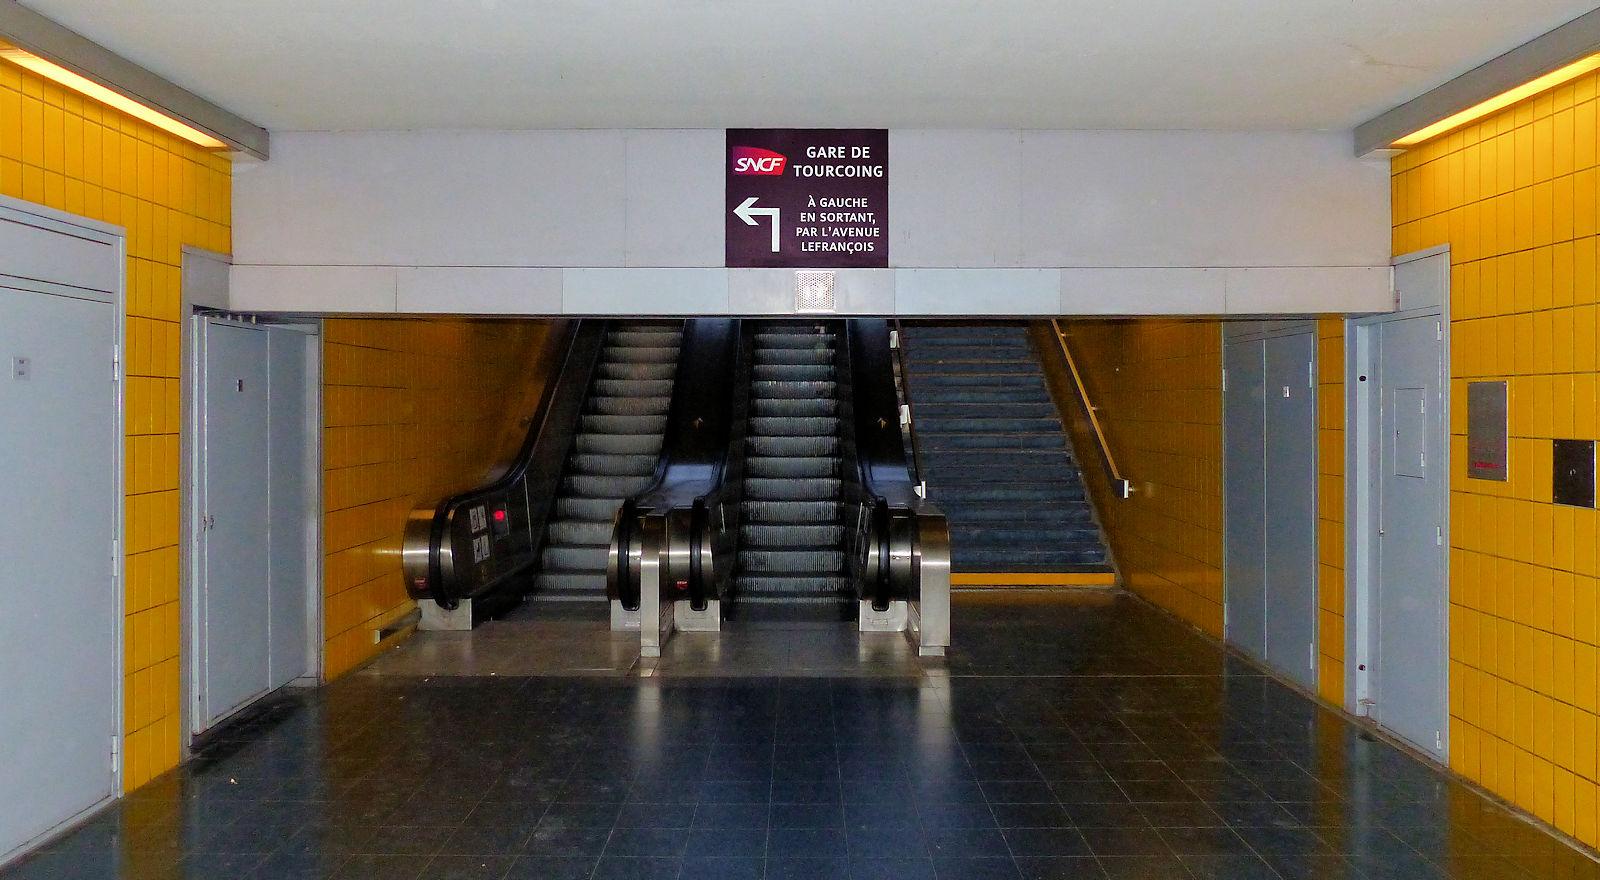 """Station de Métro """"Gare de Tourcoing"""" - Place Sébastopol, Tourcoing."""